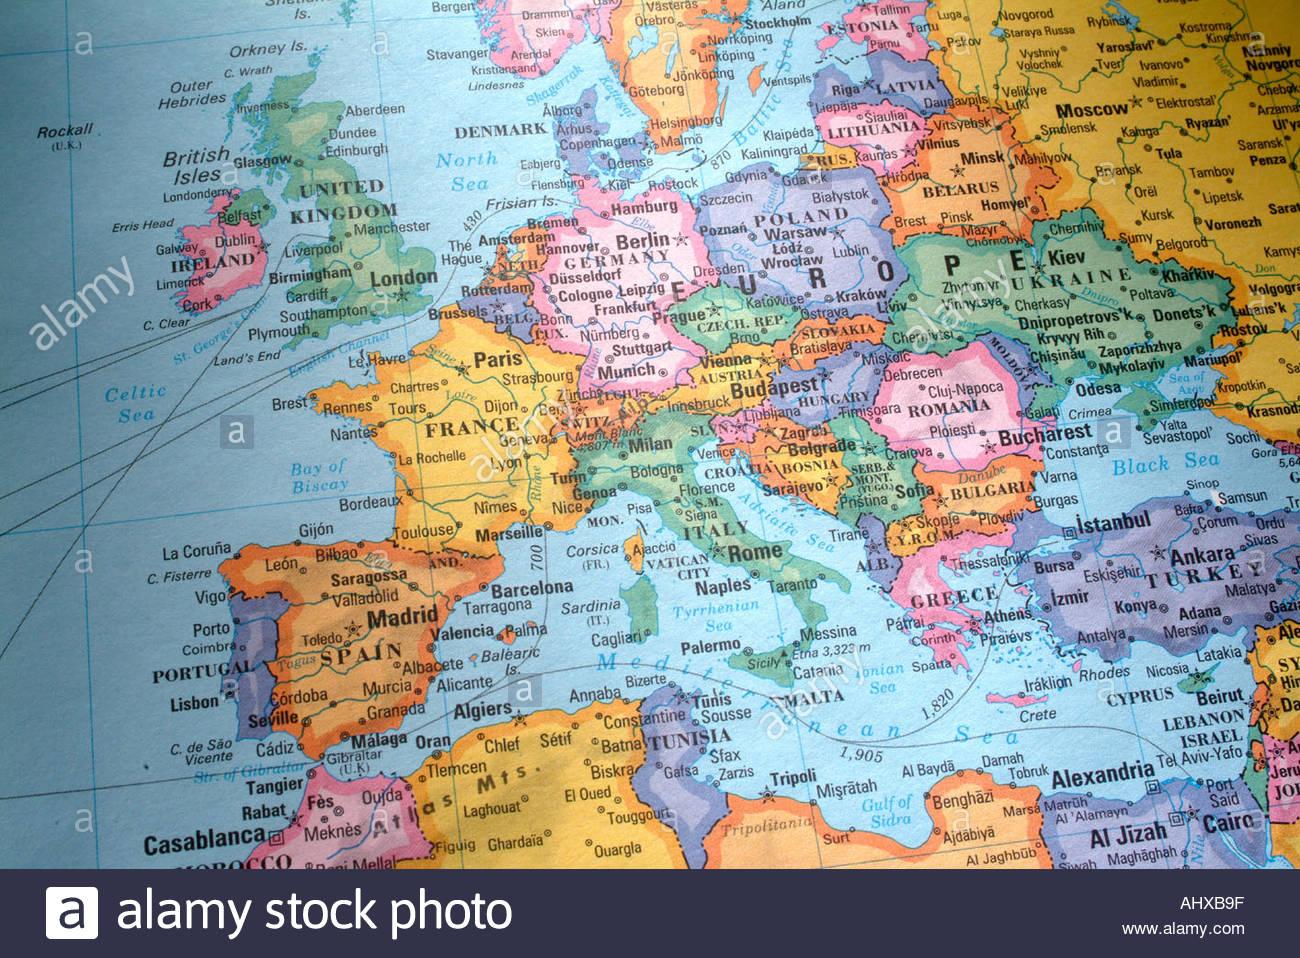 L'illustre La Carte Du Monde Avec Les Pays Et Continents destiné Carte Du Monde Avec Continent